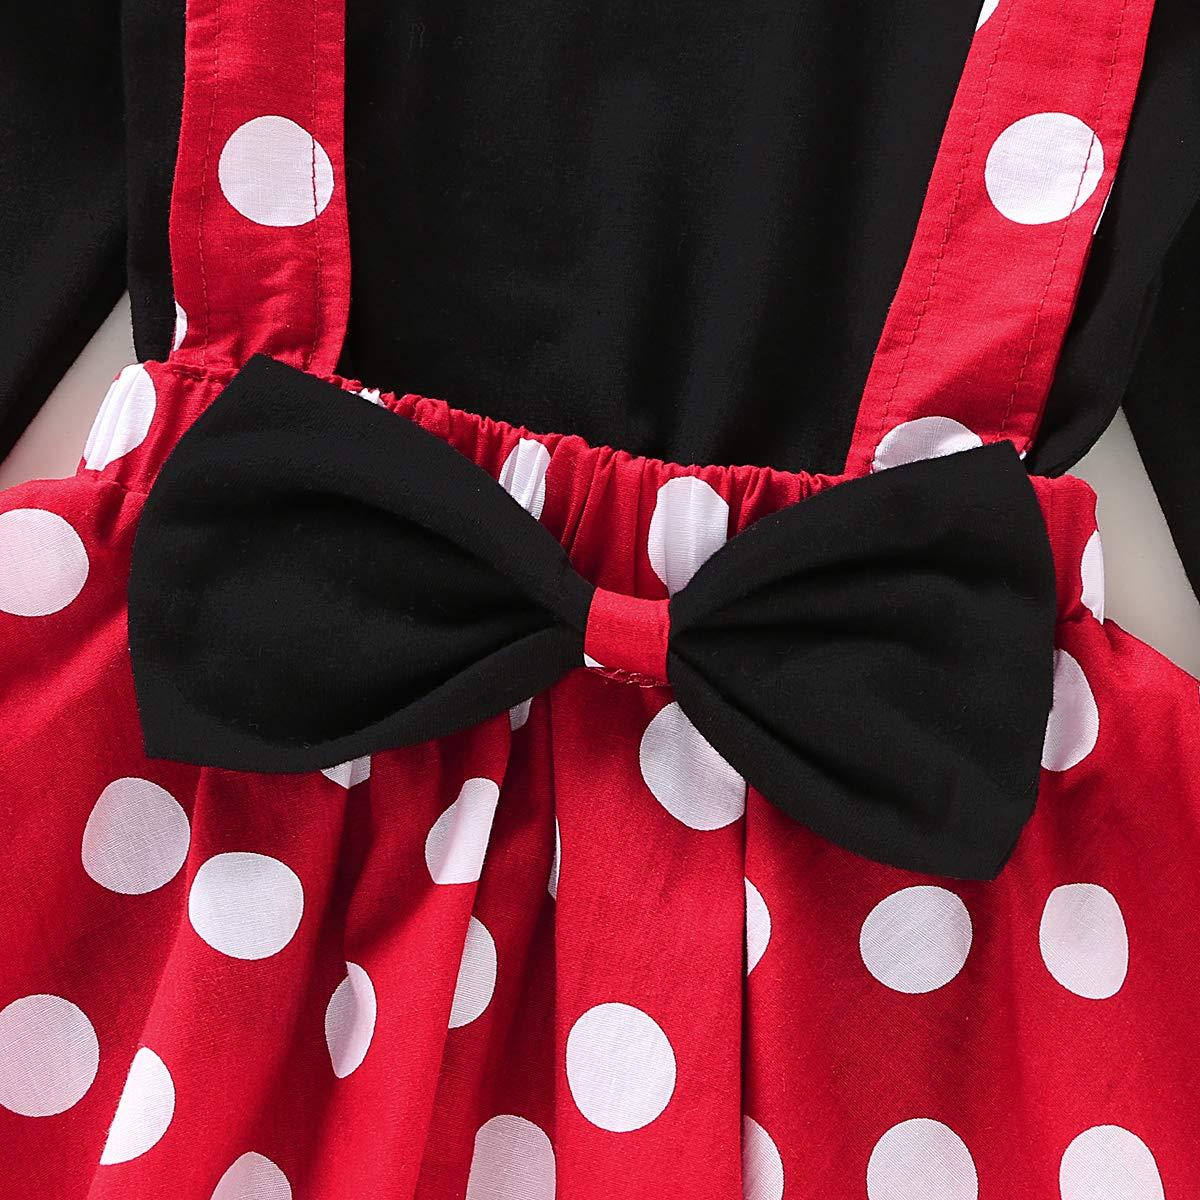 Nuova con Etichetta da Bambina Minni Stampa a Pois Vestito Festa Estate Regalo